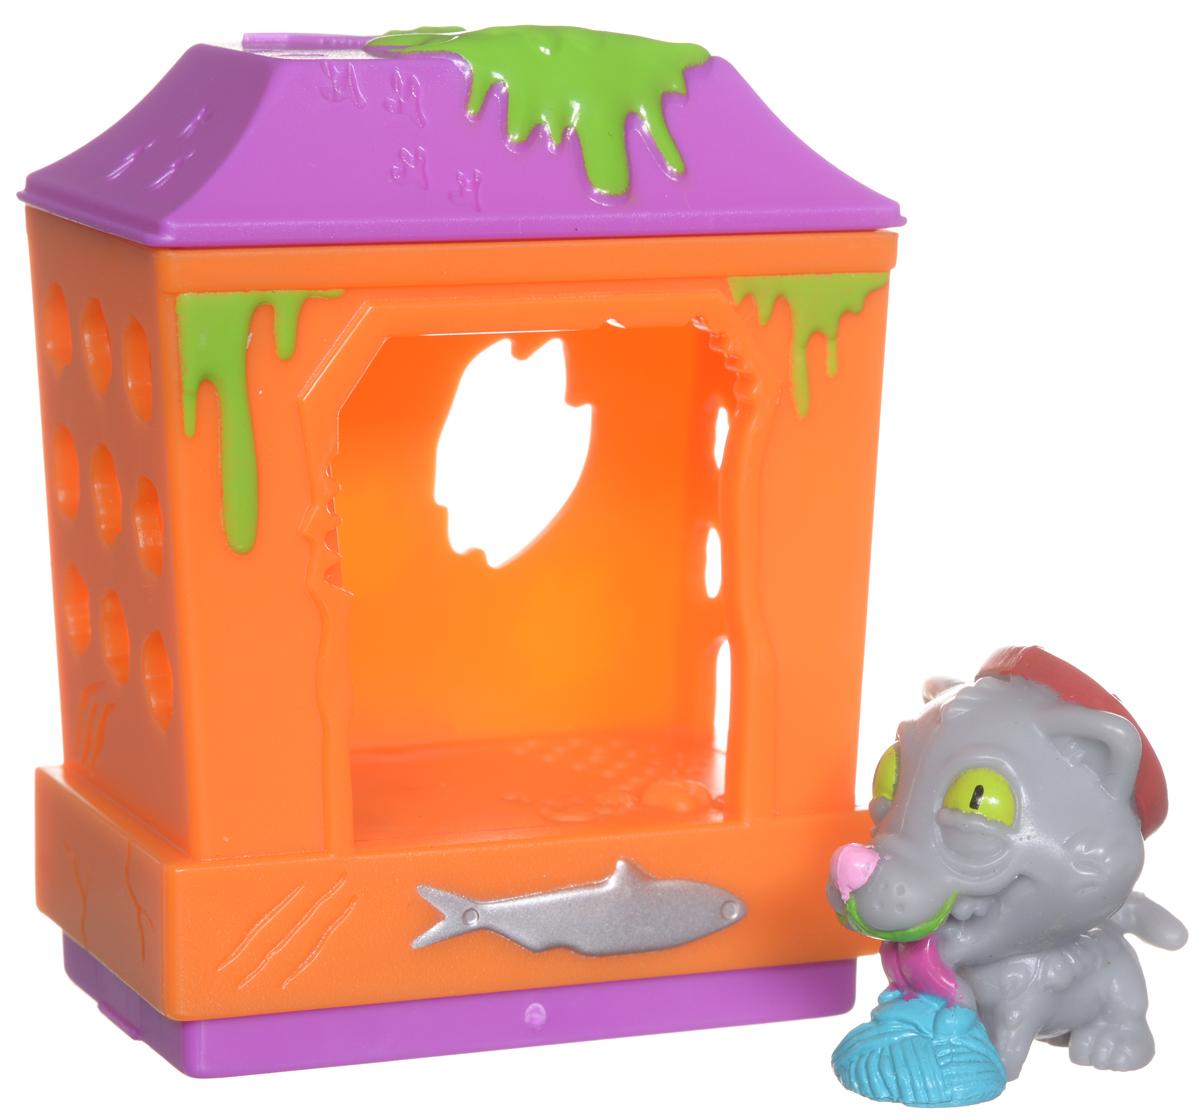 Ugglys Pet Shop Игровой набор Домик с фигуркой Cat Shack19411_cat shackИгровой набор из серии Хулиганские животные состоит из домика со звуковыми эффектами и уникальной фигурки питомца, которую нельзя найти в других упаковках и наборах серии. Домик выполнен в ярких цветах и притягивает взгляд. Если внутри него поместить мини-фигурку животного и надавить на пол - будут раздаваться звуки. В ассортименте представлено 6 домиков, которые можно состыковать один с другим и построить большой зоомагазин с эксклюзивными животными. Такая удивительная игрушка обязательно понравится вашей малышке! Порадуйте ее таким замечательным подарком! Для работы требуются 2 батарейки типа LR44 (комплектуется демонстрационными).